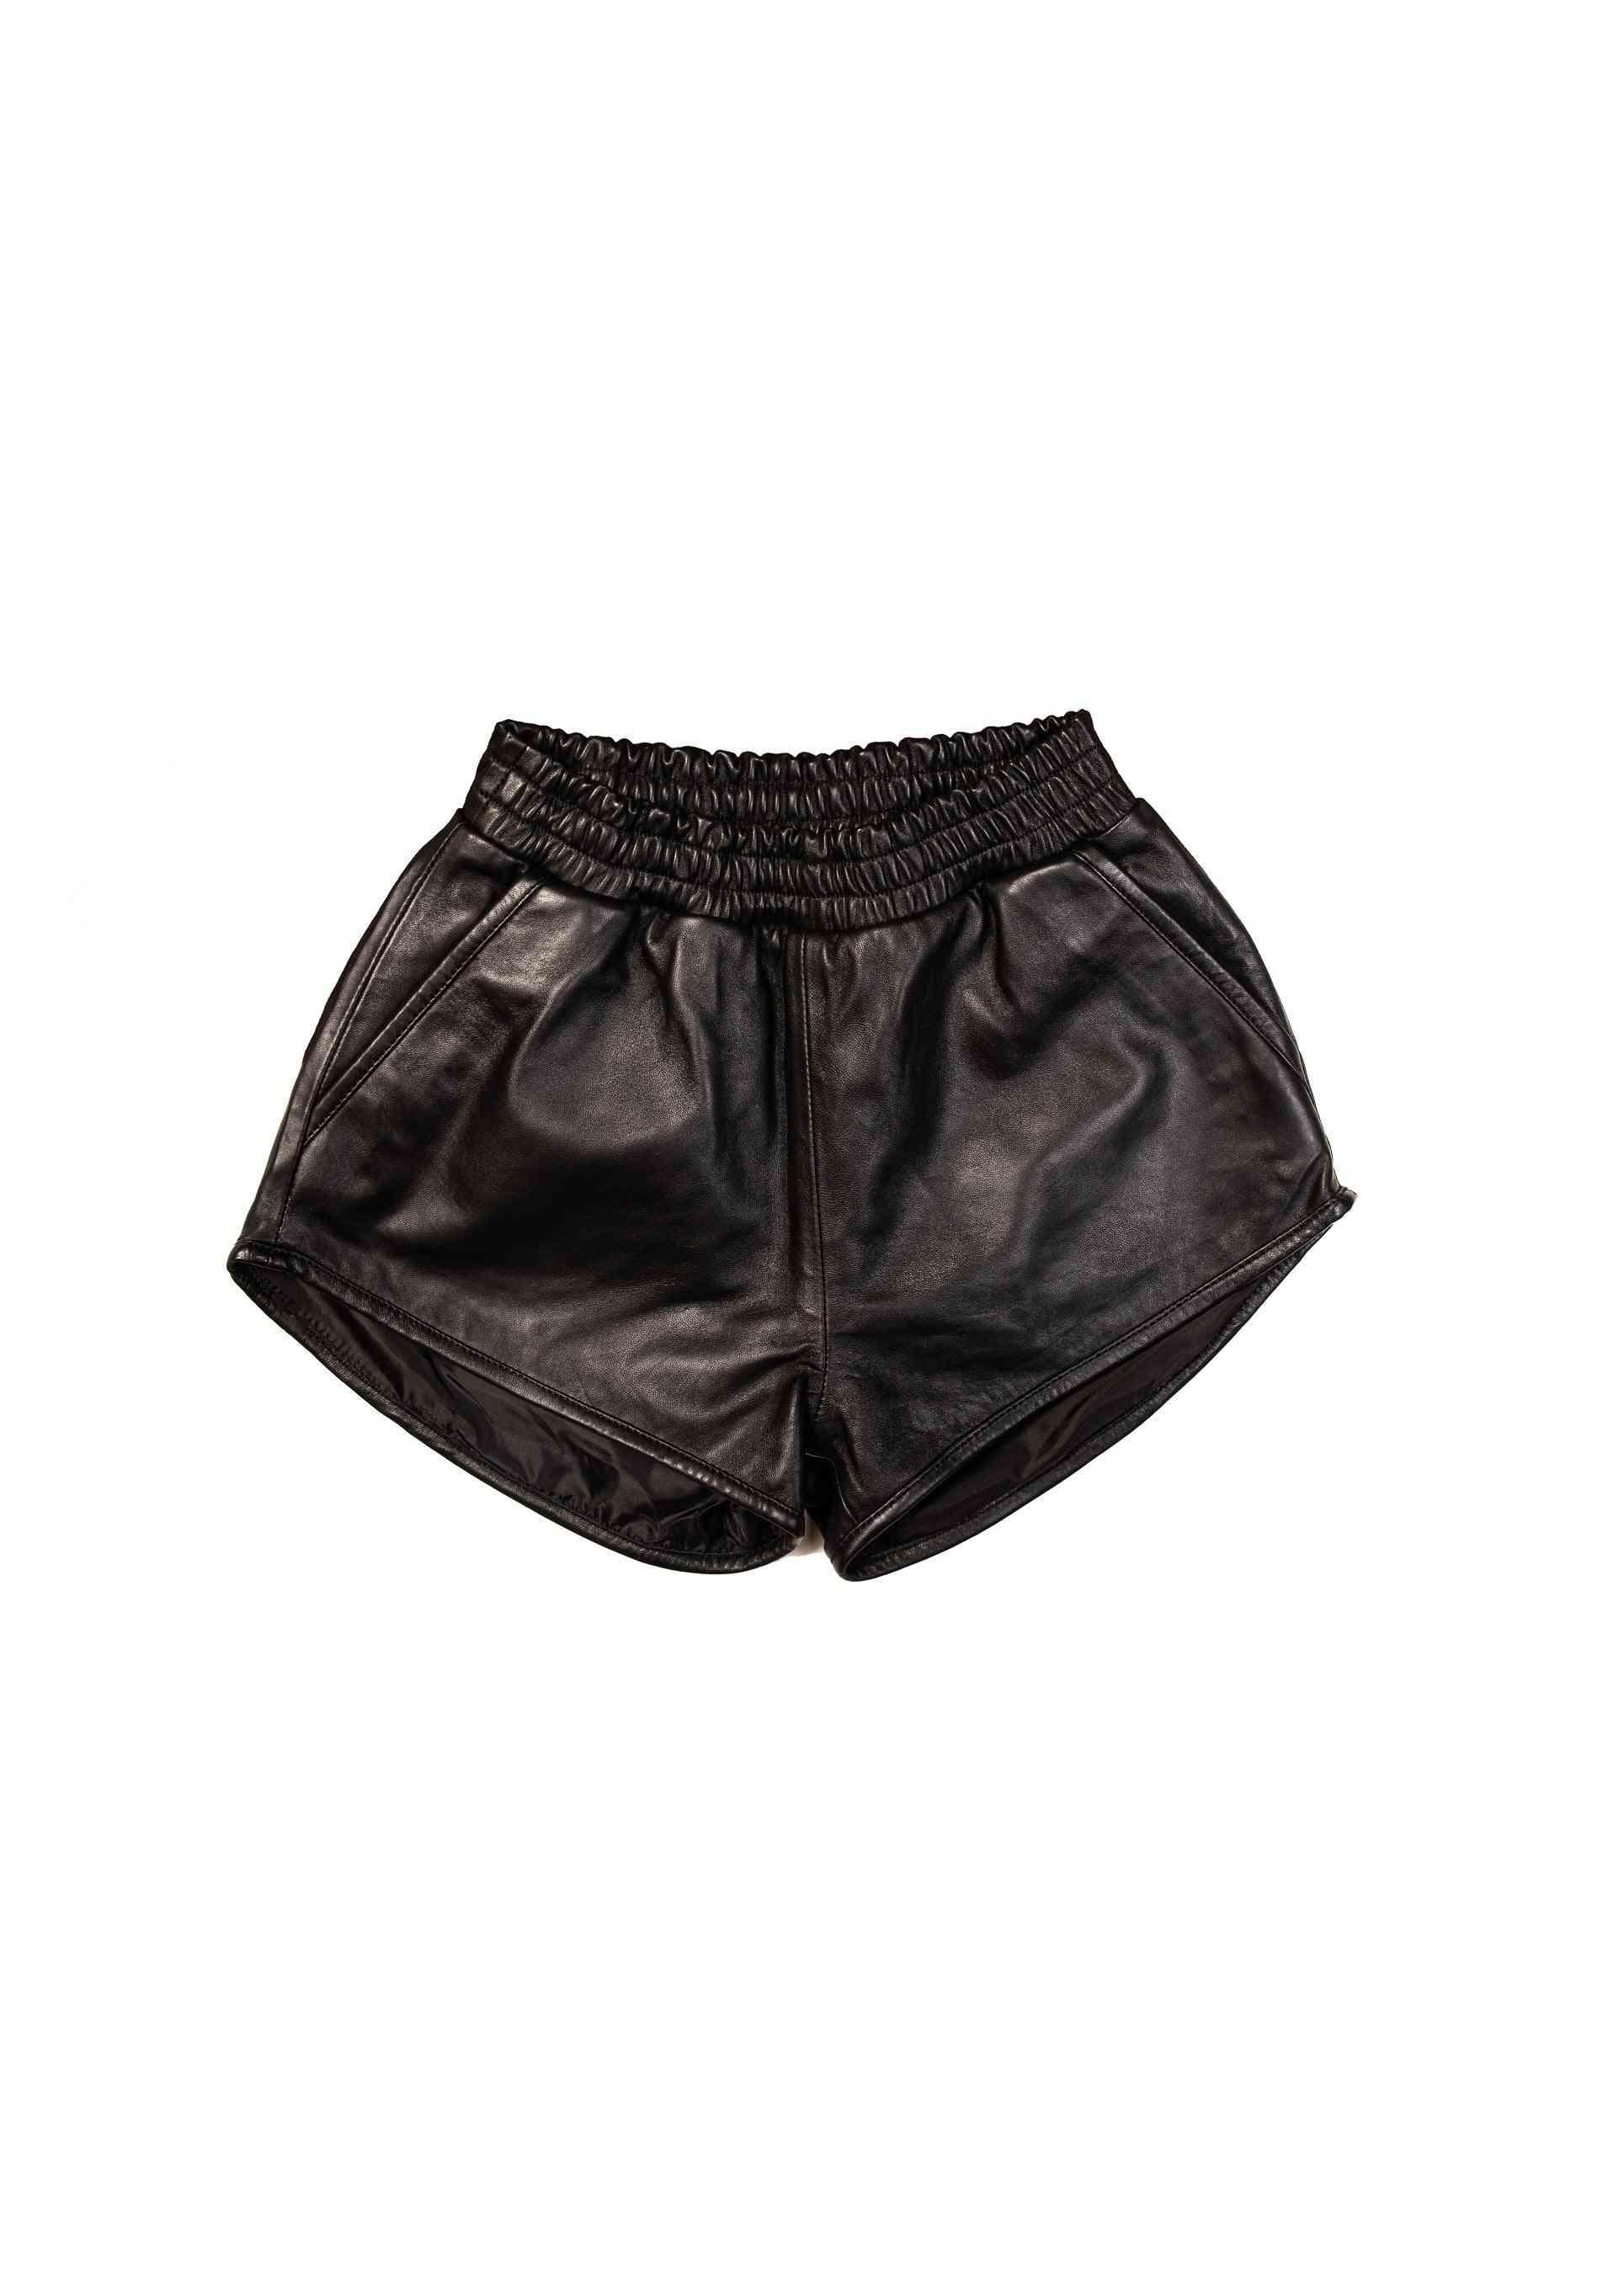 Women's Fashion High Waist Leather Shorts